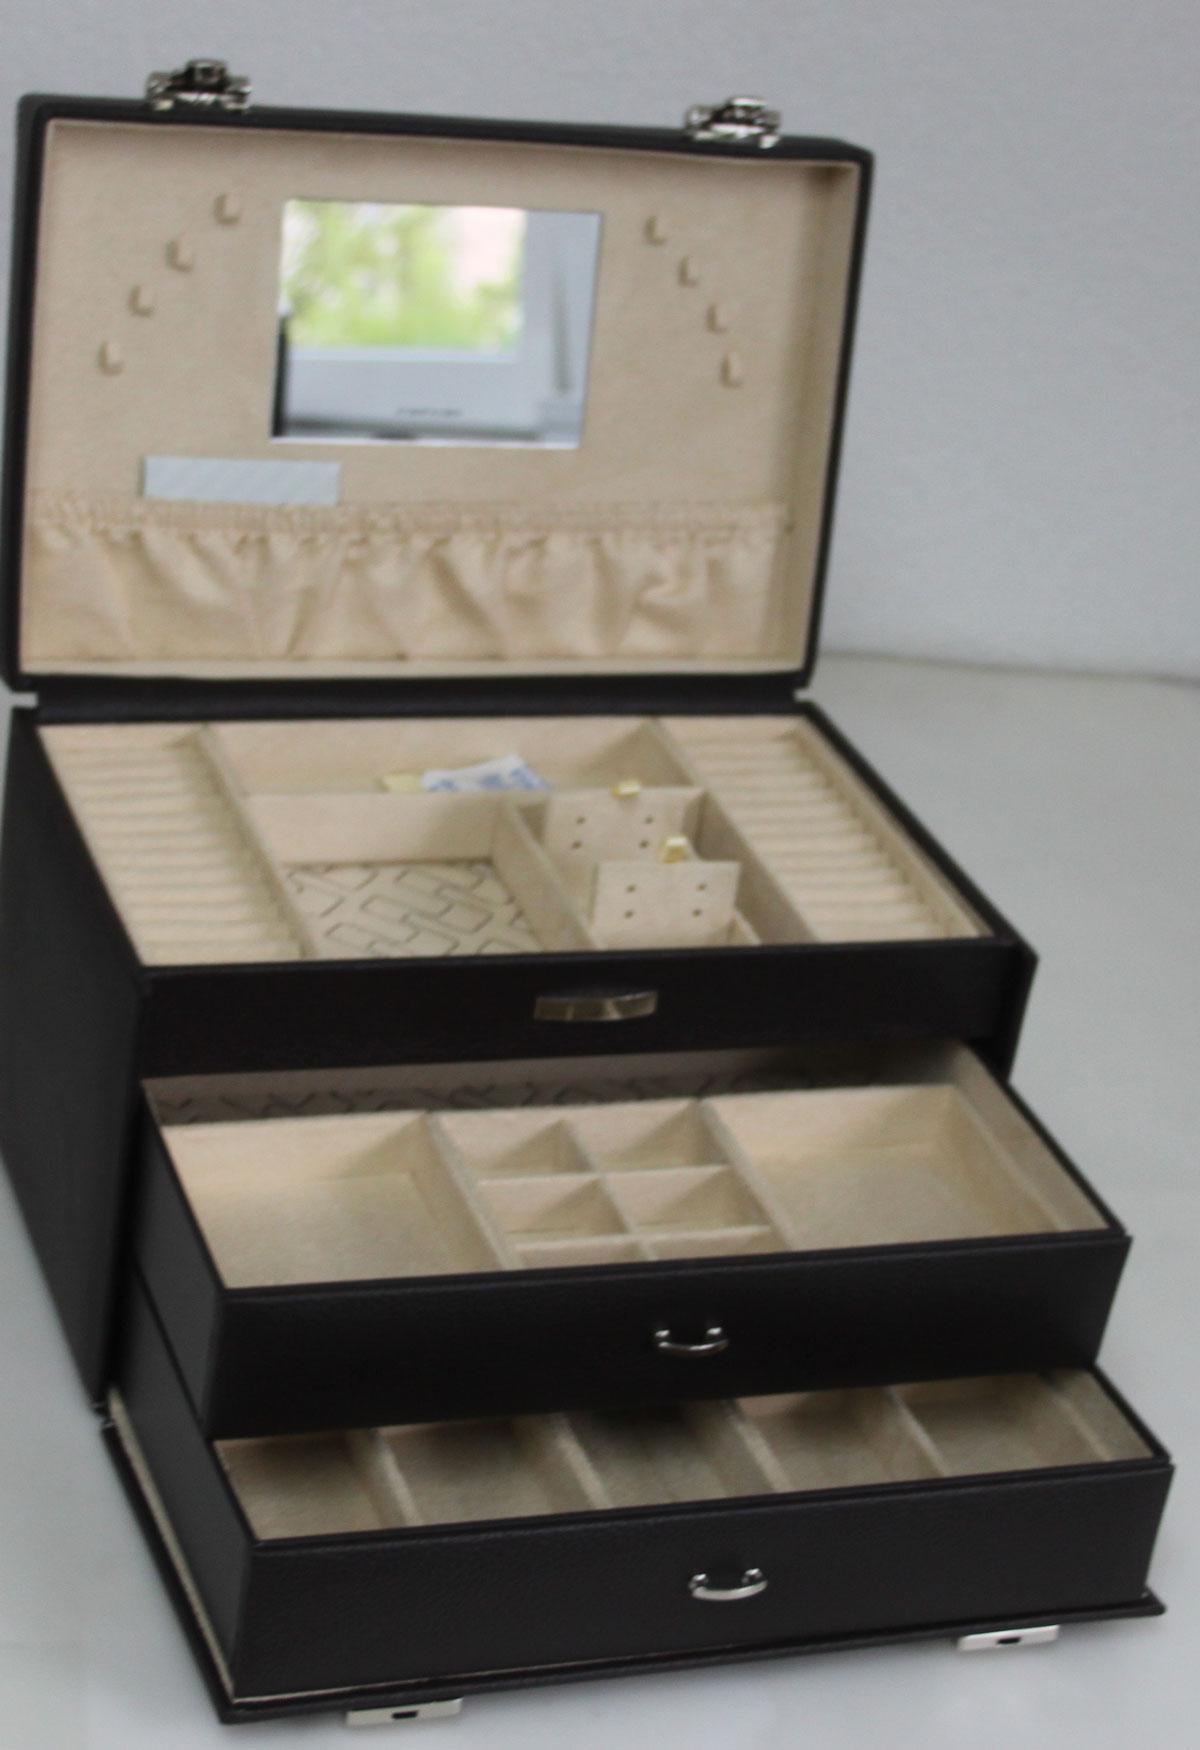 friedrich 23 schmucktruhe schmuckkoffer schmuckkasten. Black Bedroom Furniture Sets. Home Design Ideas